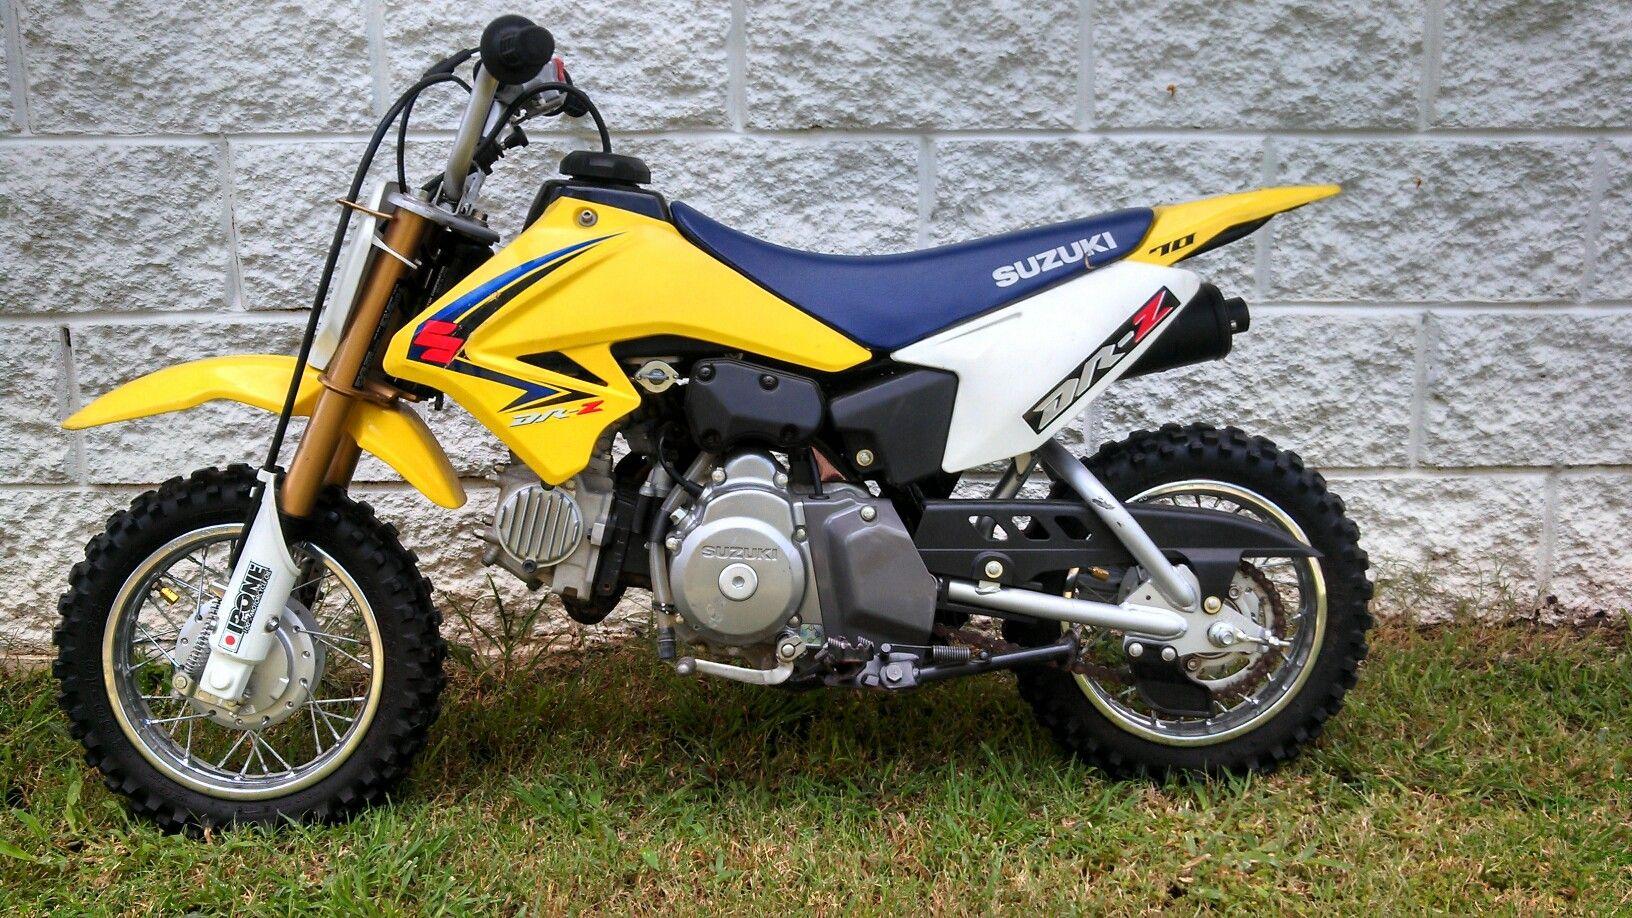 Drz 70 Suzuki Dirt Bike Motorbikes